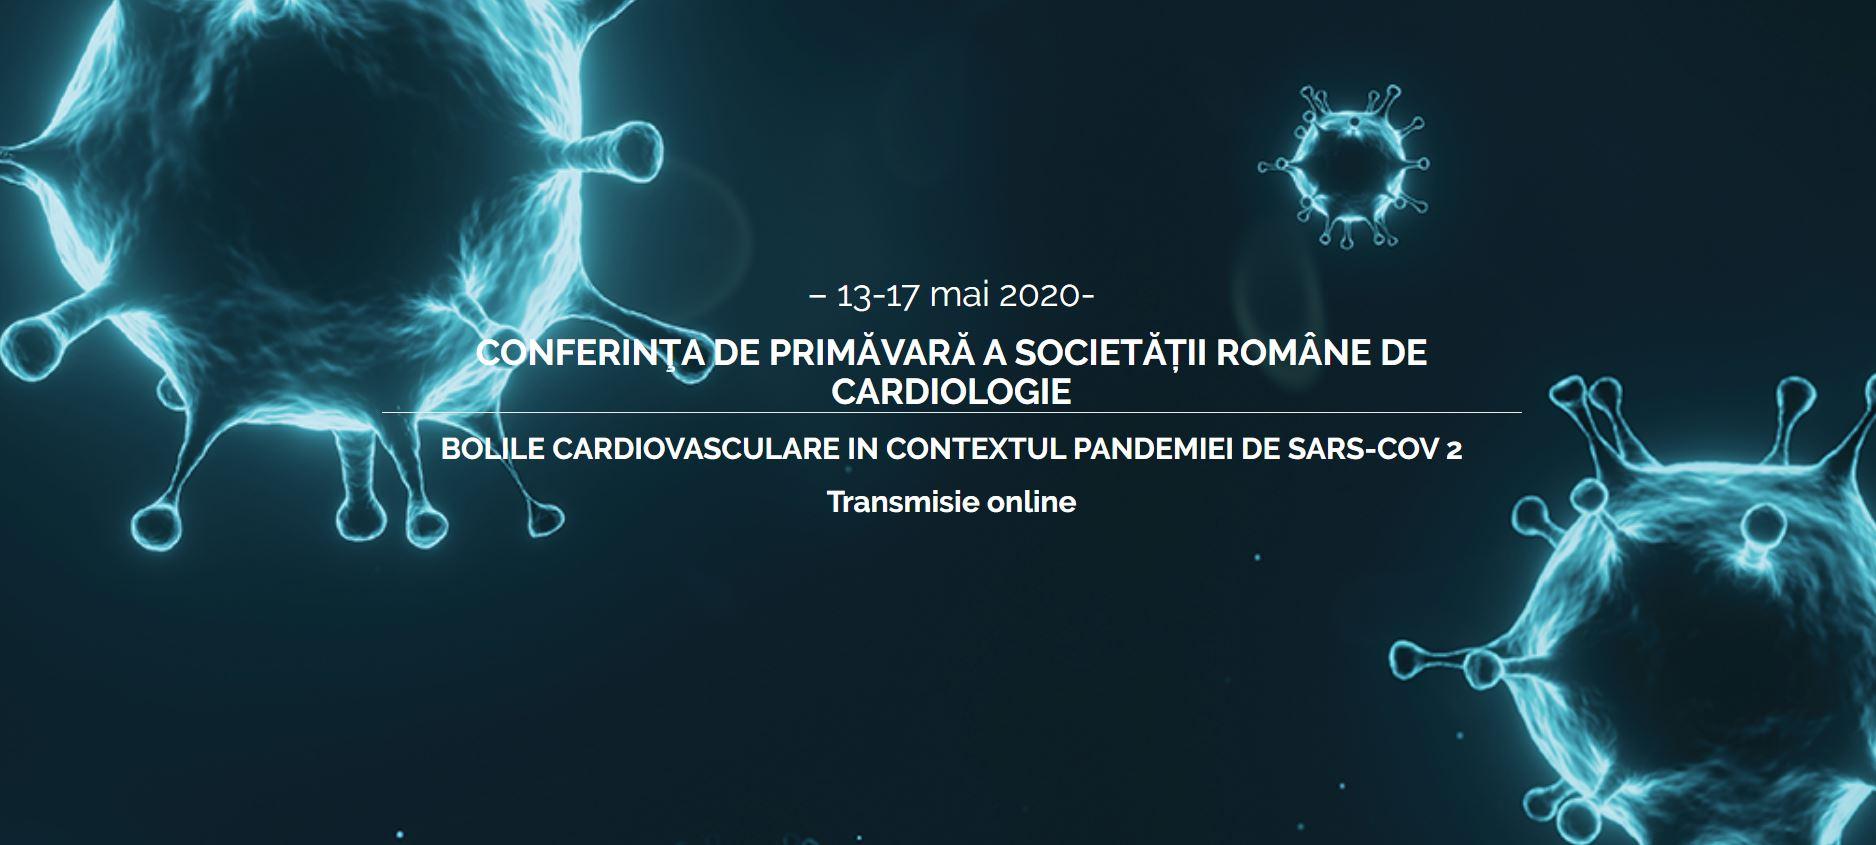 CONFERINŢA DE PRIMĂVARĂ A SOCIETĂȚII ROMÂNE DE CARDIOLOGIE 13-17 Mai 2020 – Transmisie online